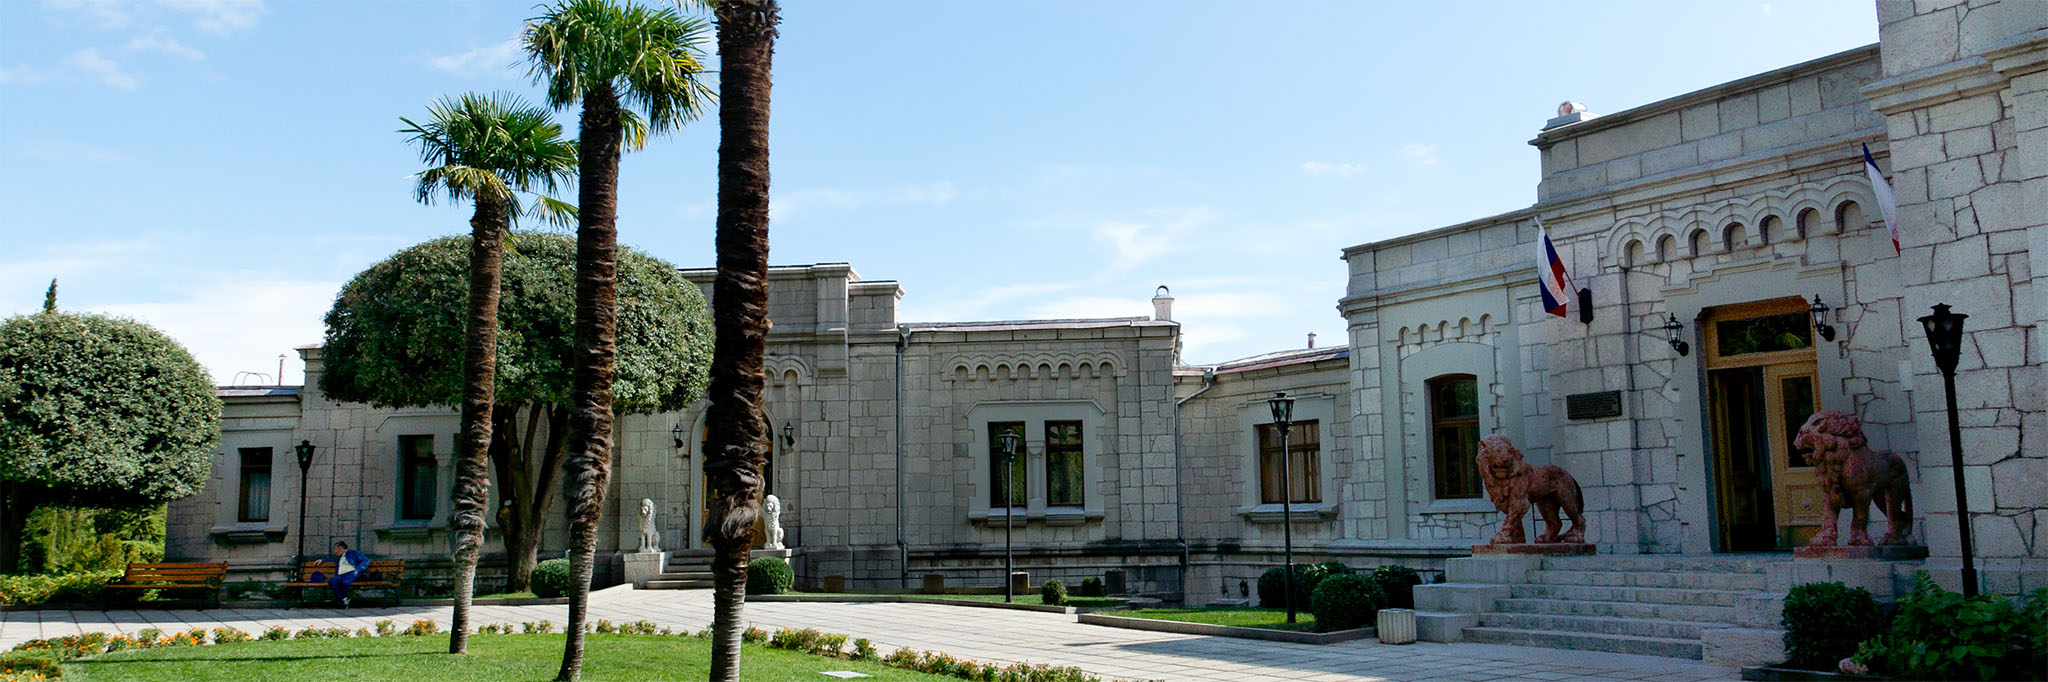 Юсуповский дворец, Крым, Ялта